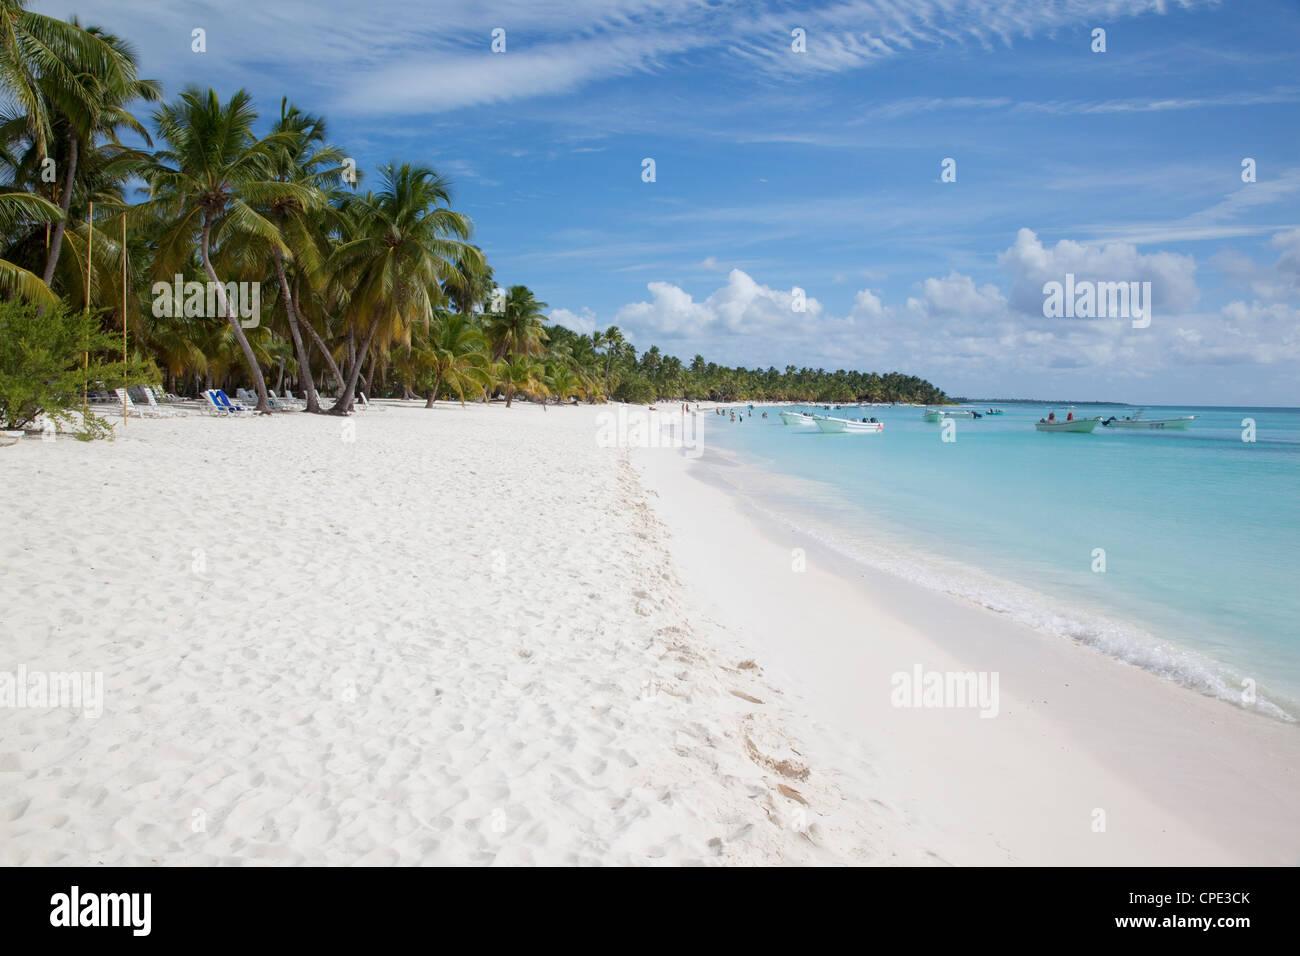 L'île de Saona, République dominicaine, Antilles, Caraïbes, Amérique Centrale Photo Stock